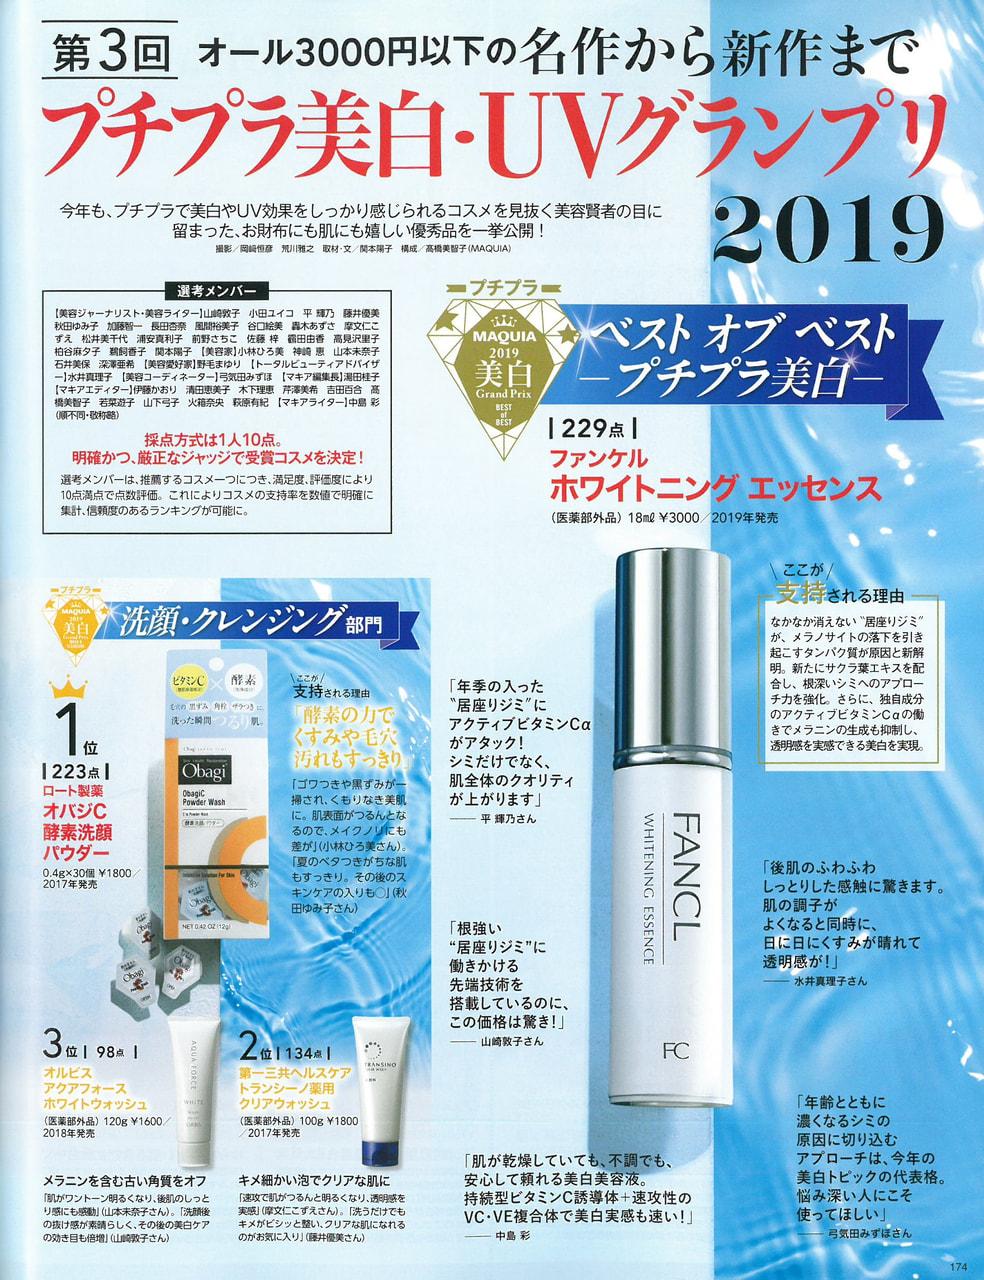 第3回 オール3000円以下の名作から新作まで プチプラ美白・UVグランプリ 2019